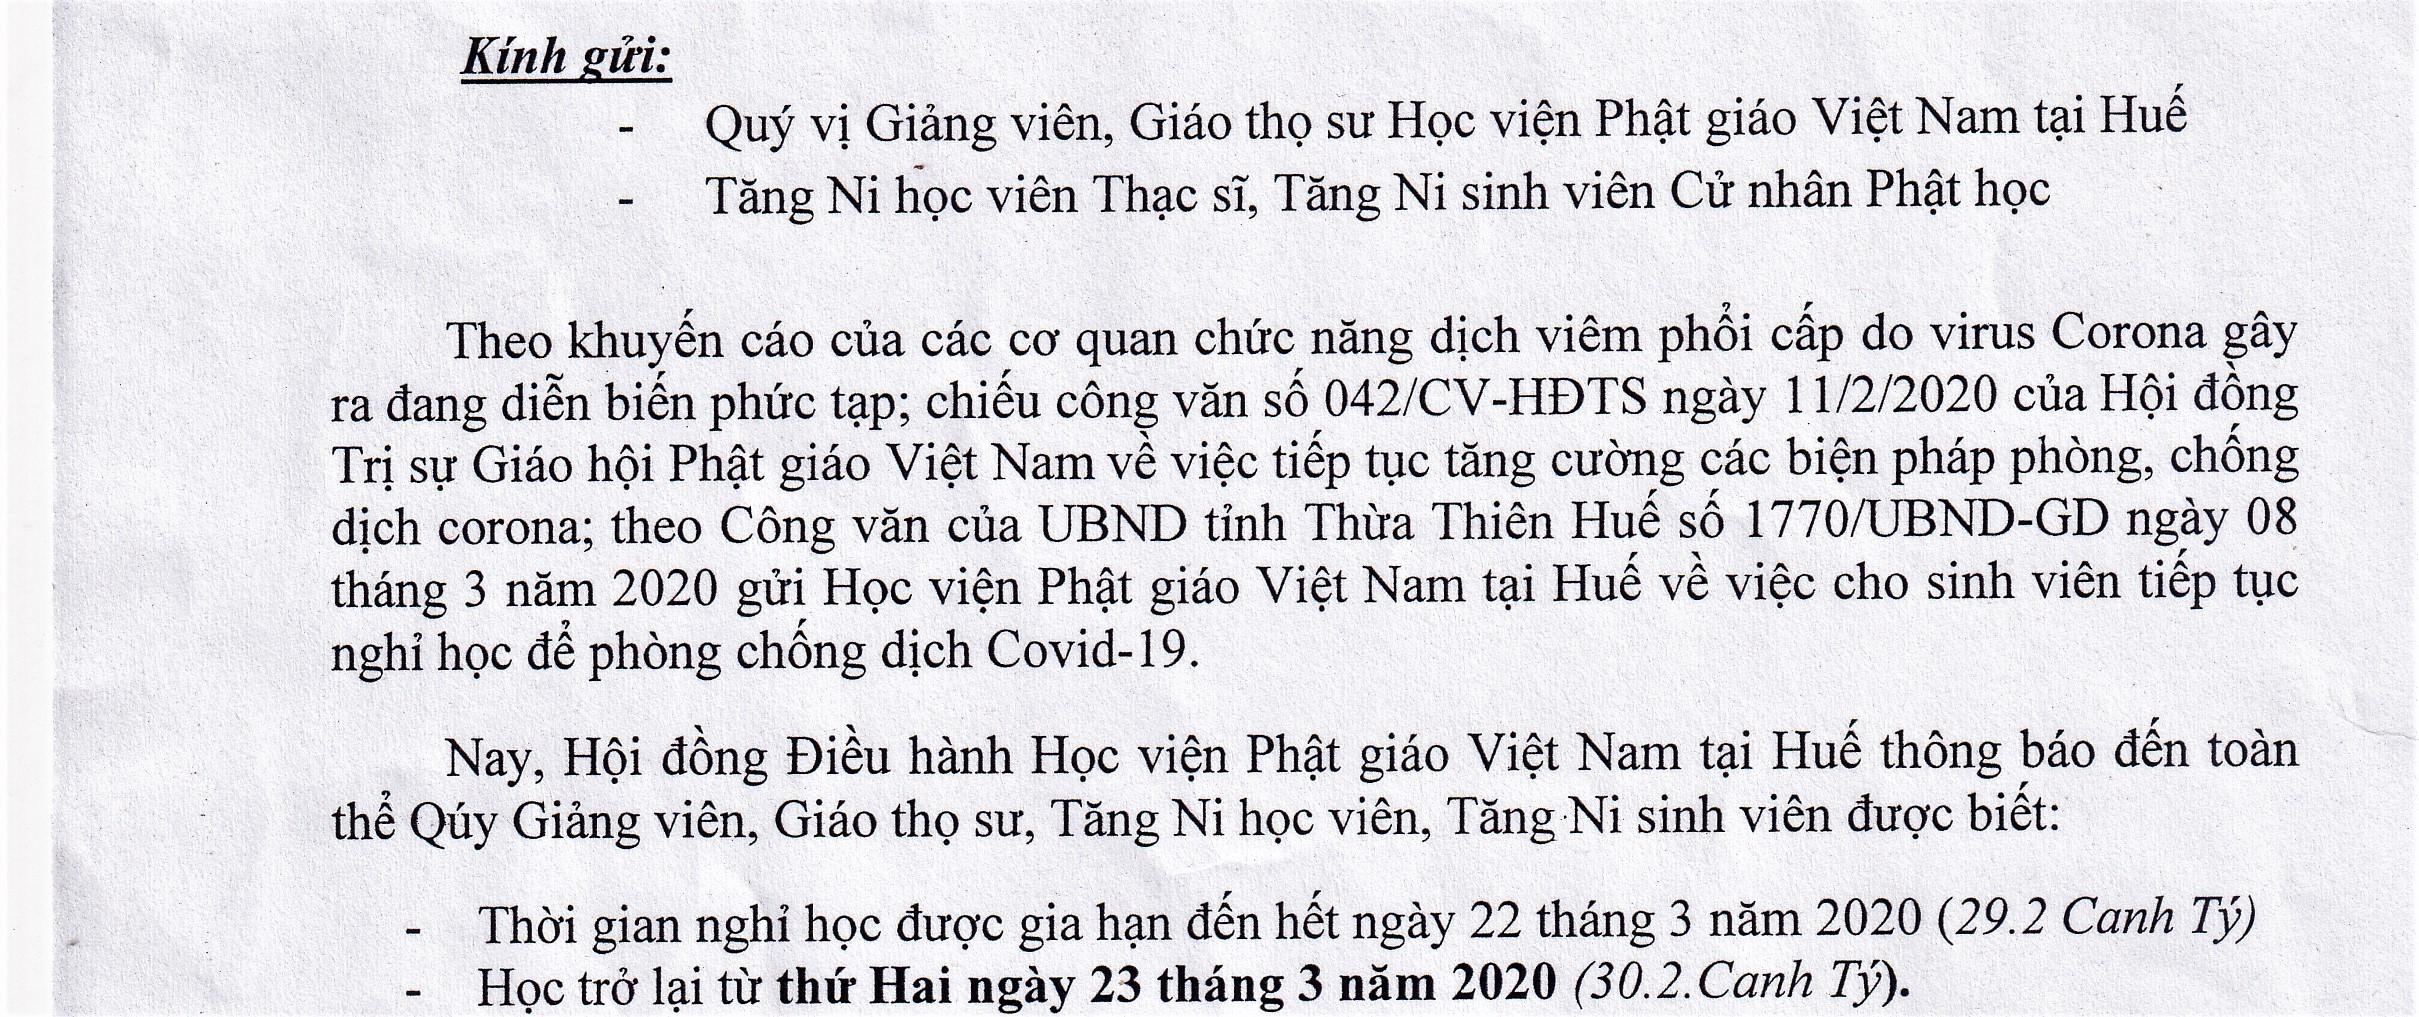 Học viện PGVN tại Huế thông báo gia hạn thời gian nghỉ học